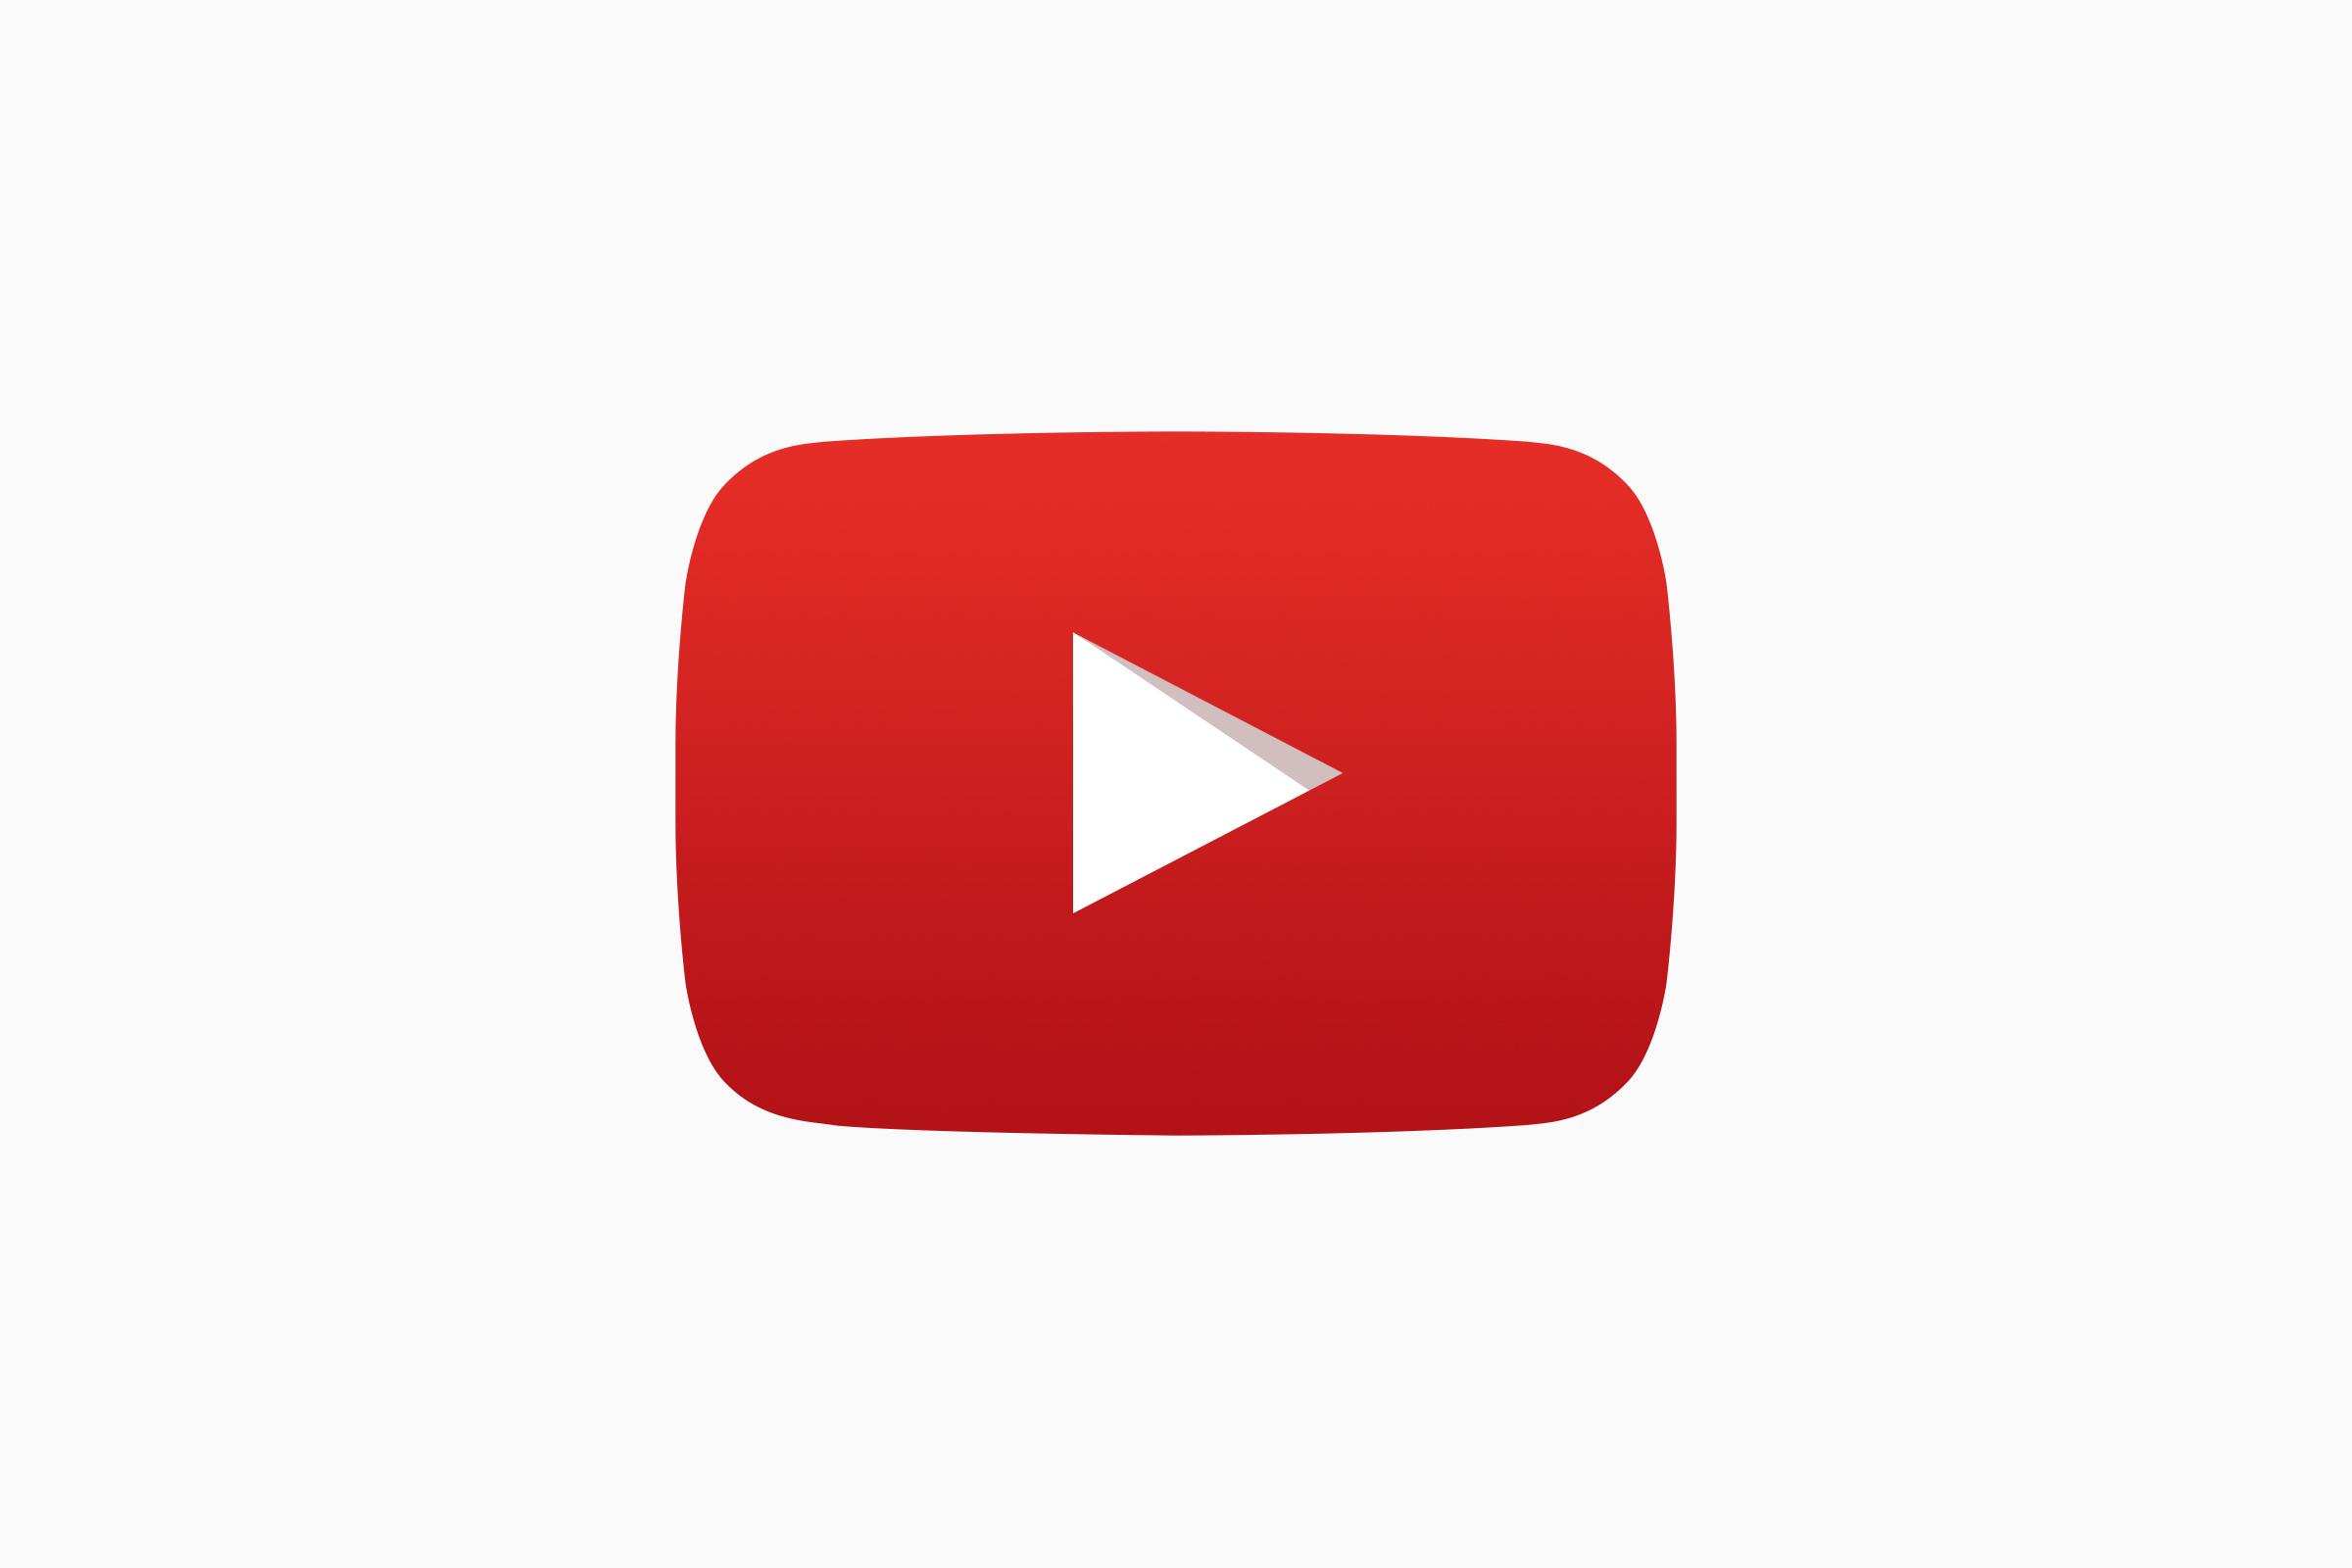 הכי הרבה צפיות ביוטיוב